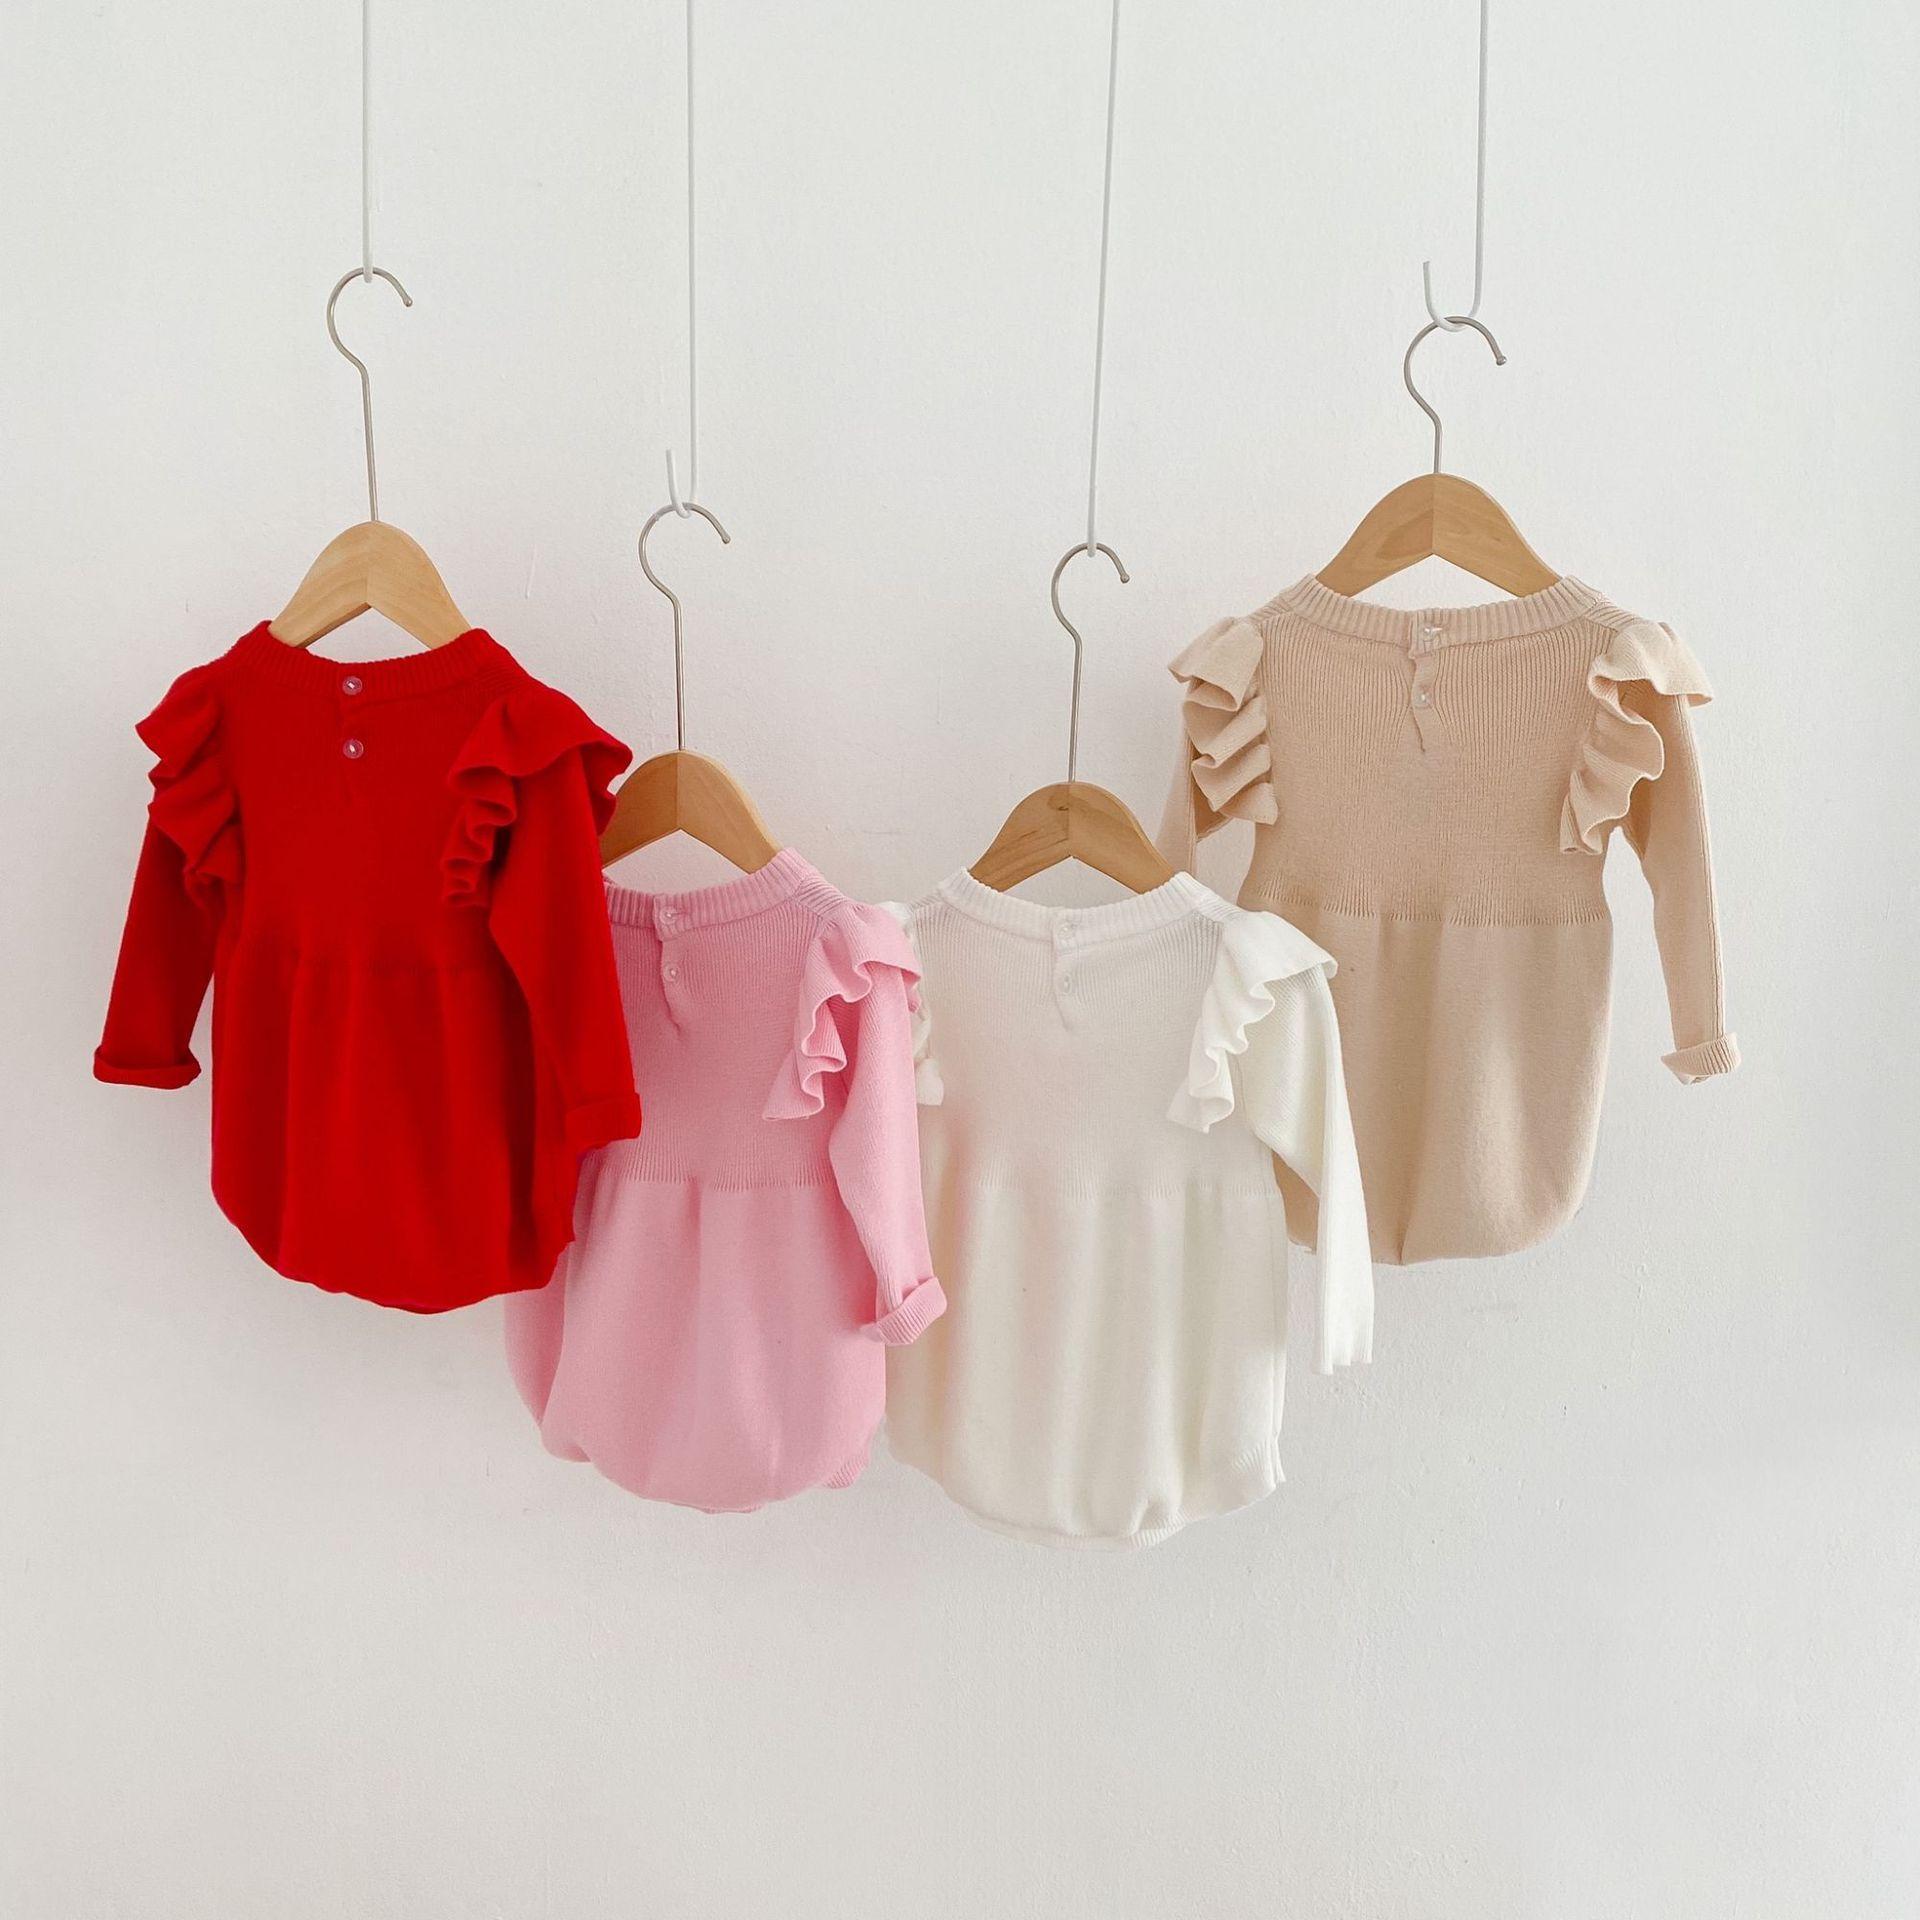 محبوك ملابس الطفل سترة القلب الطفل الفتيات رومبير ربيع 2021 الوليد الطفل بذلة طويلة الأكمام للفتيات playsuit القطن